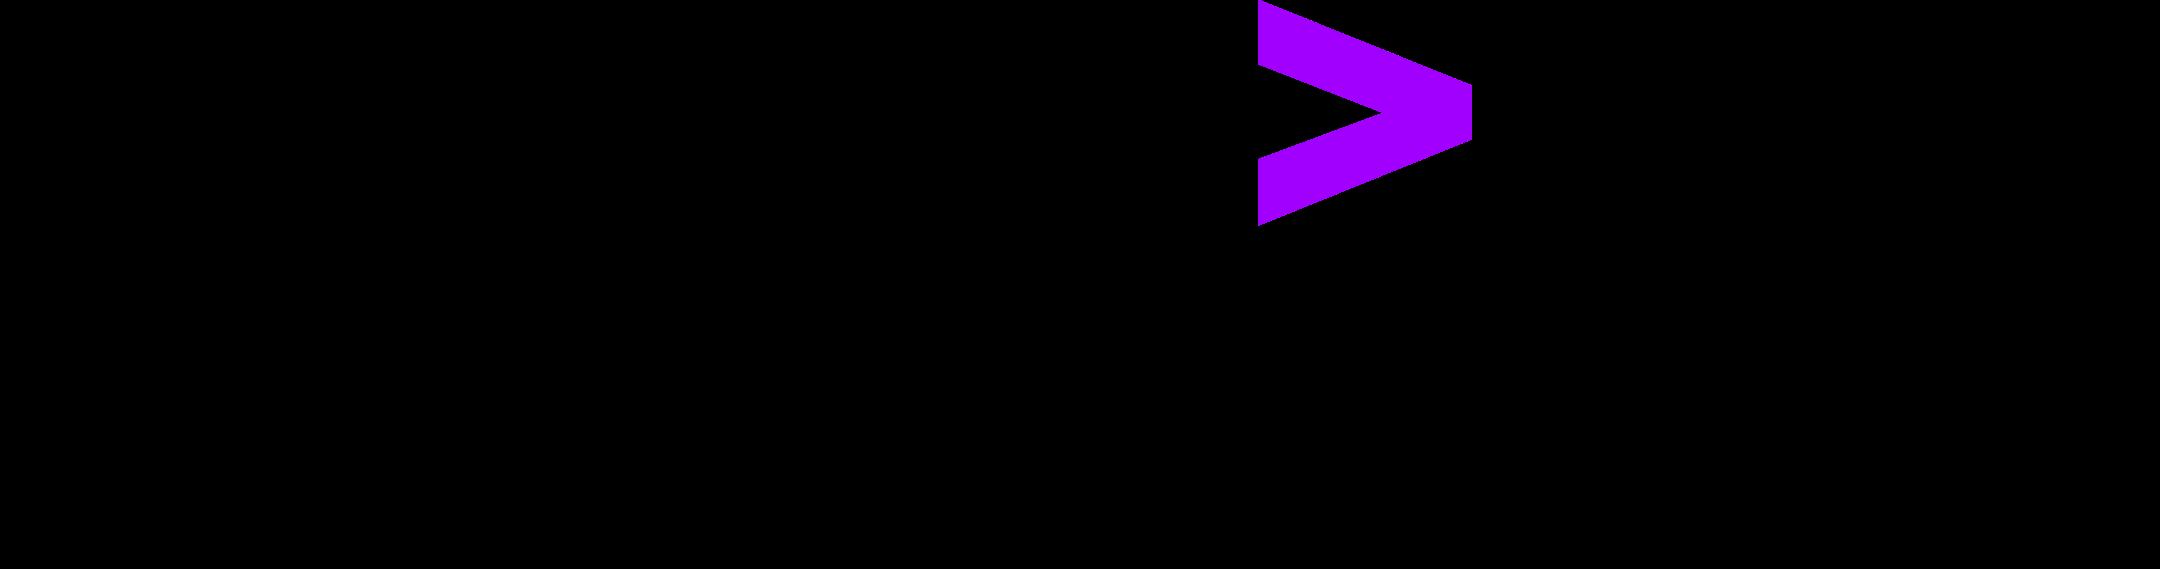 accenture logo 1 1 - Accenture Logo